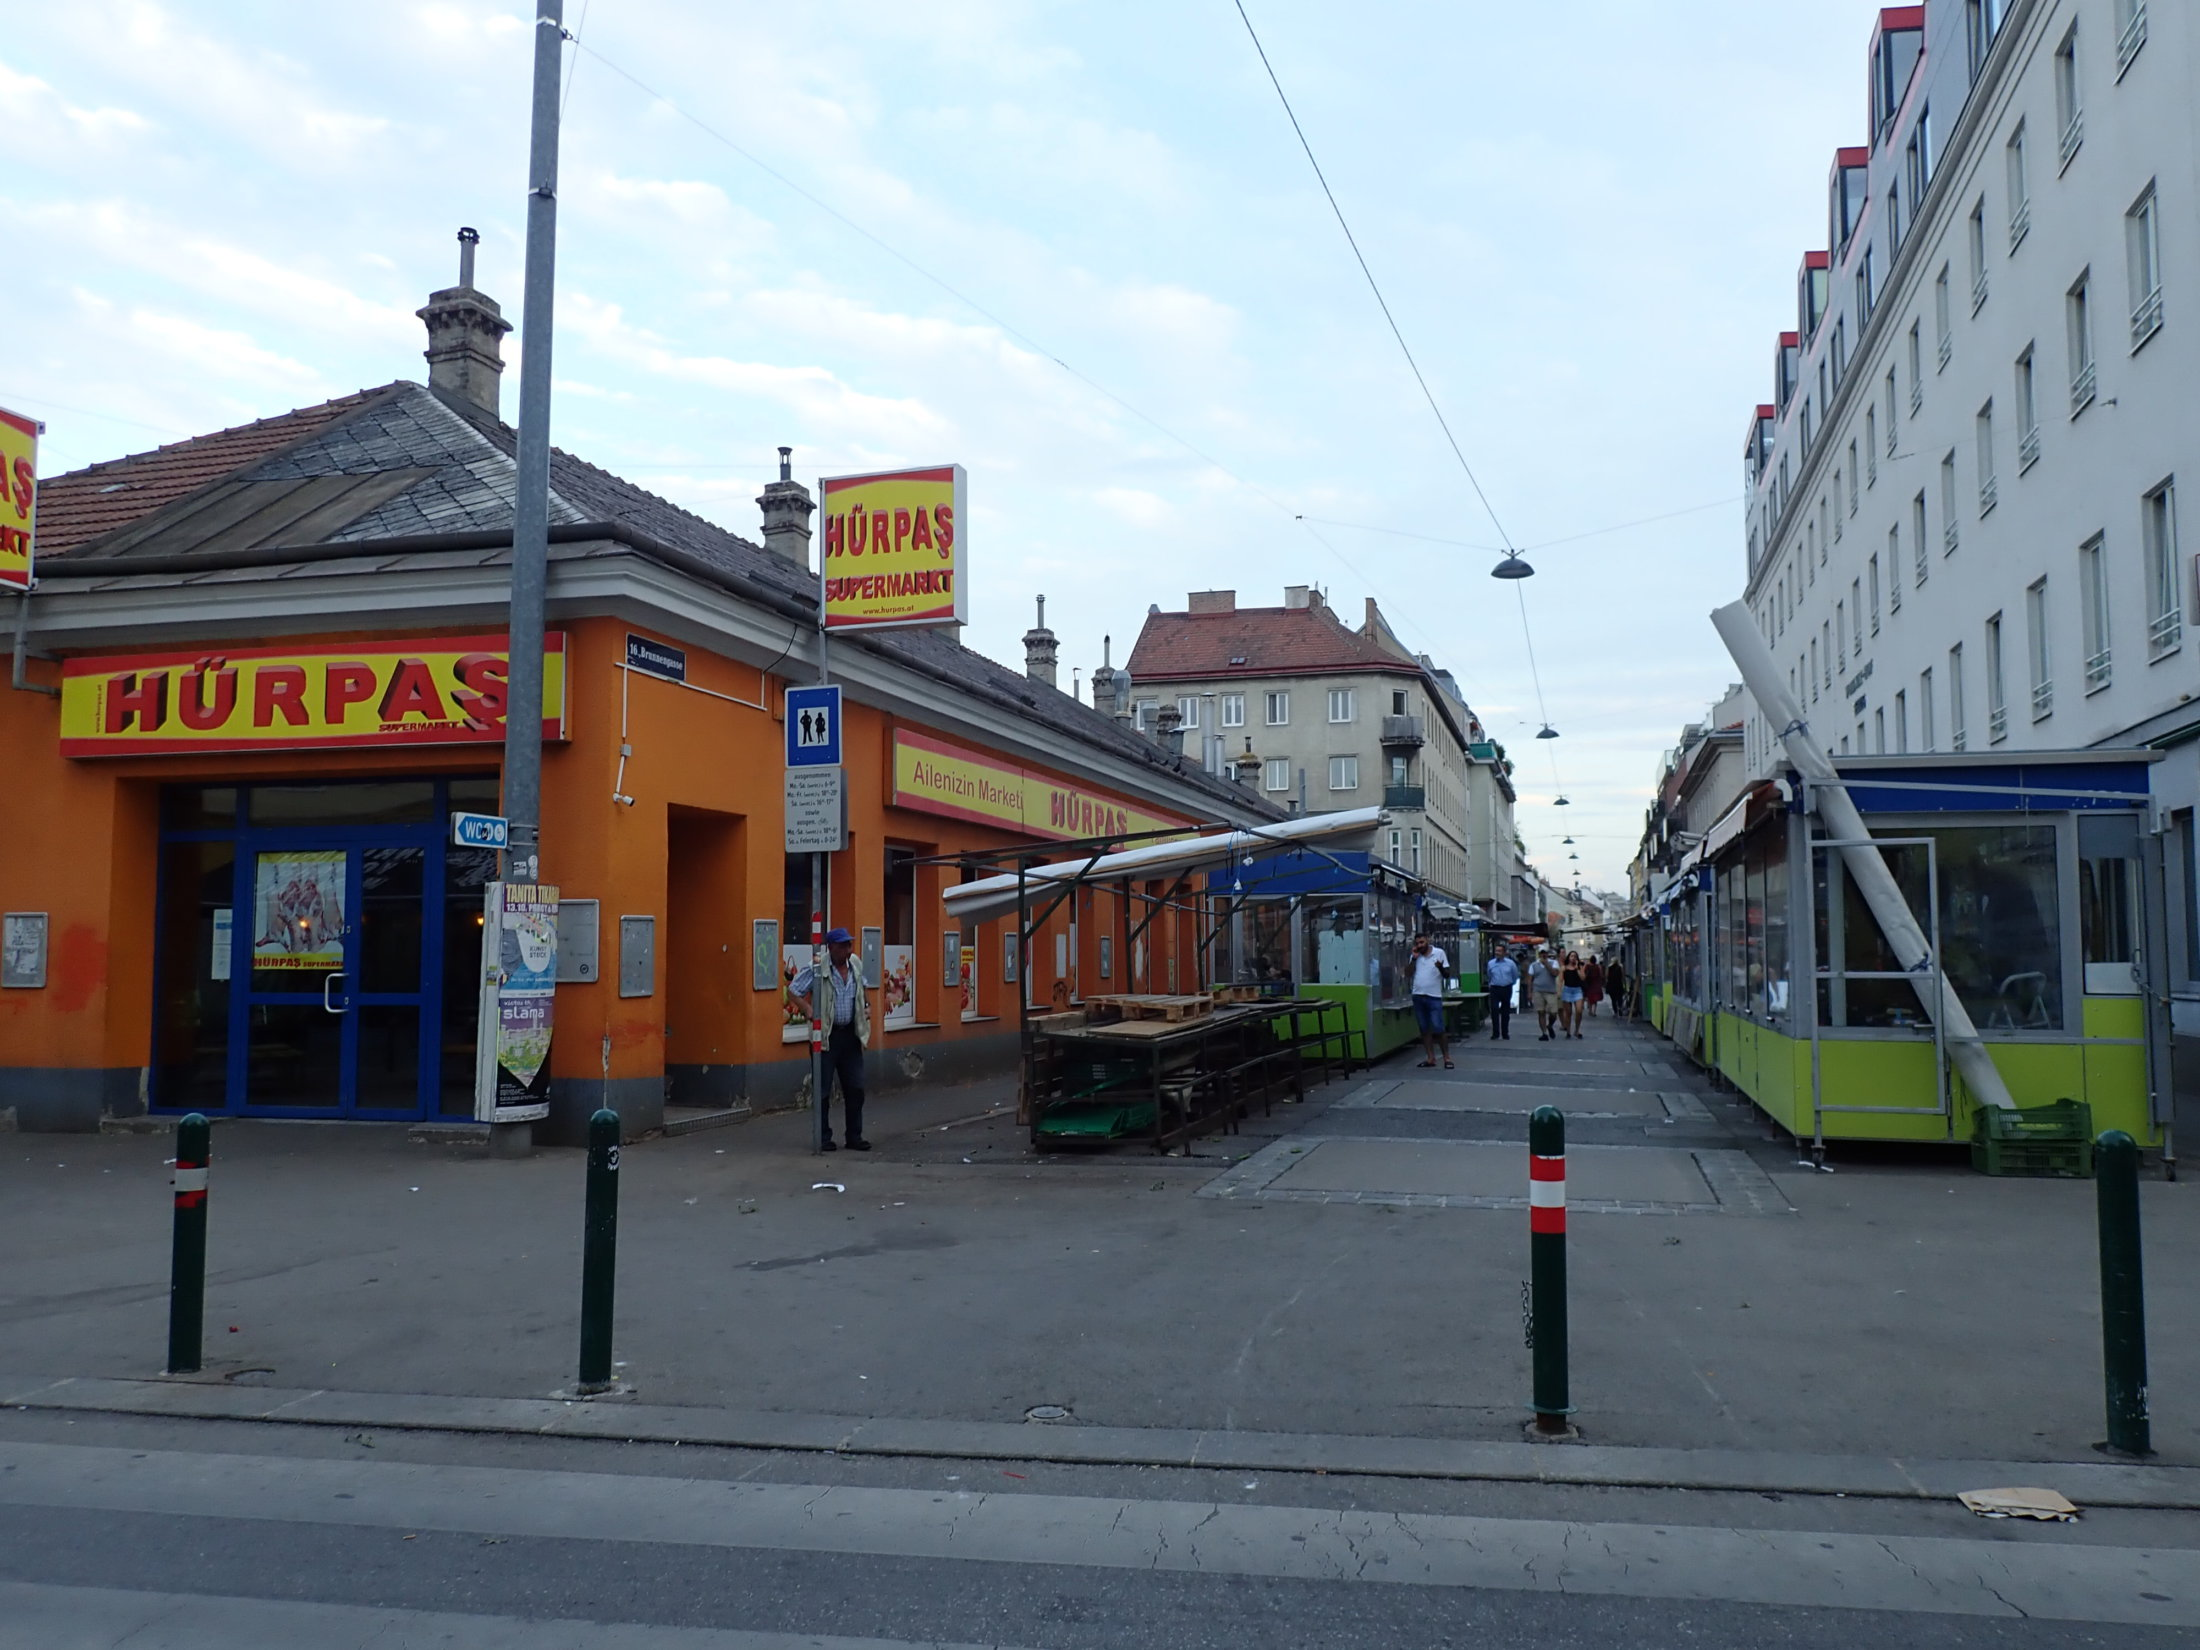 Yppenplatz #otk